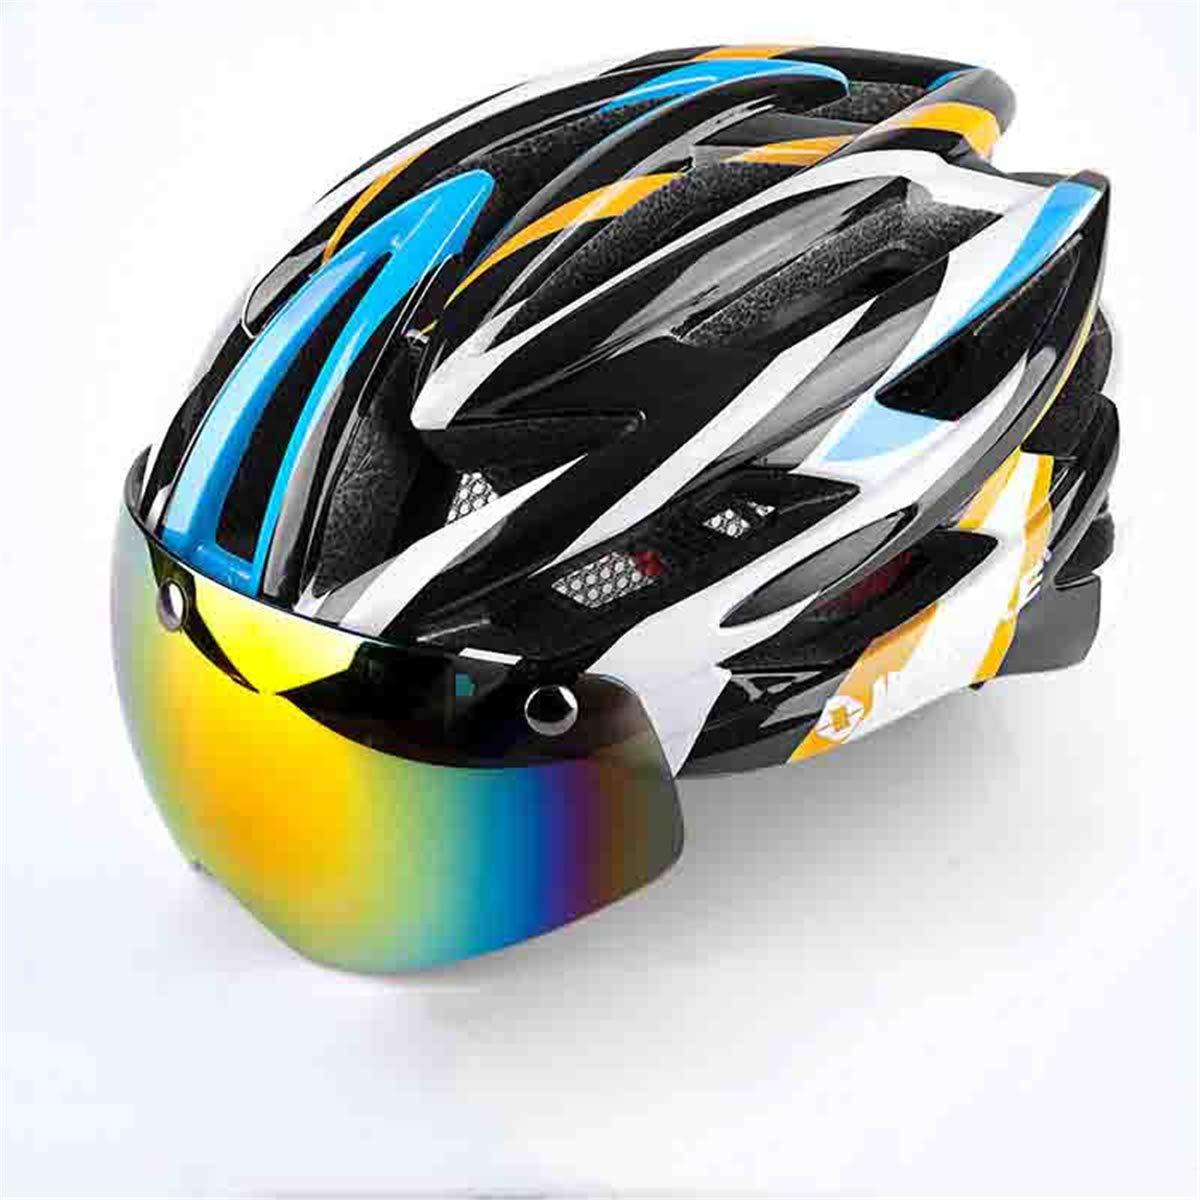 H&Q PC EPS-Material mit magnetischer Schutzbrille Reithelm DREI Paar Gläser integrierte Mountainbike-Helm, atmungsaktiv und bequem Verstellbaren Kopfumfang der Mountain Road Bike-Ausrüstung